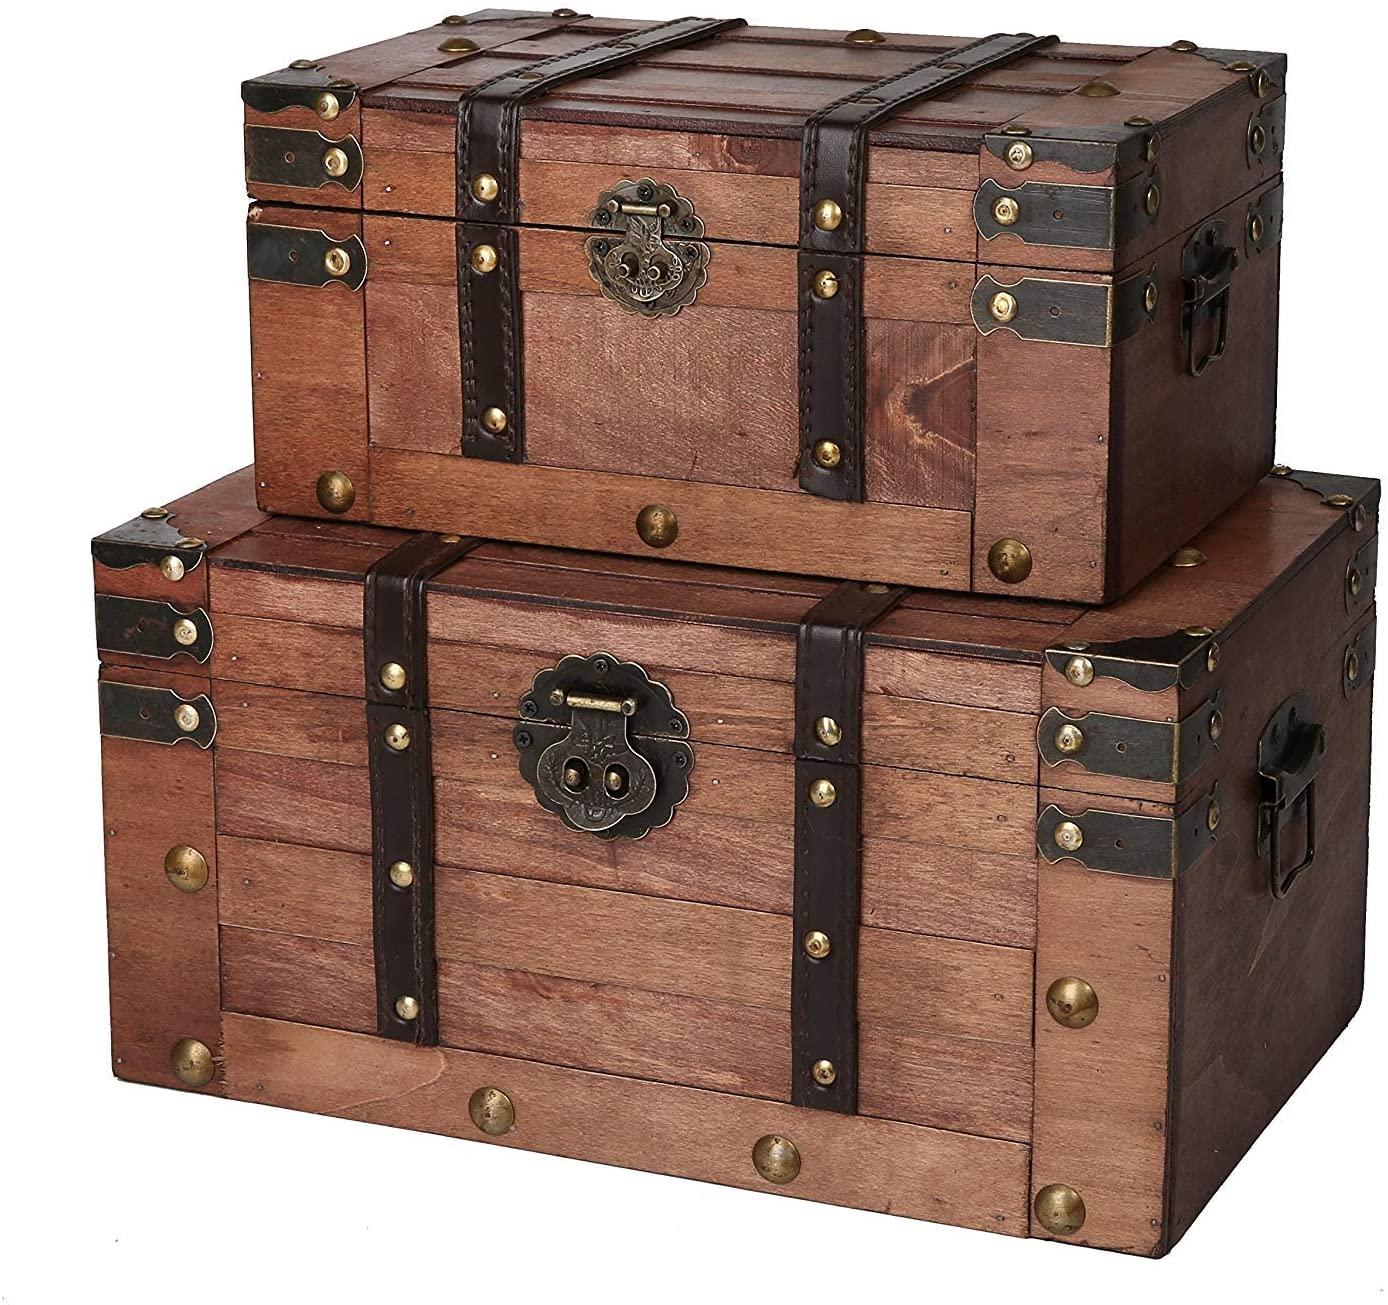 SLPR Alexander Wooden Chest steampunk storage